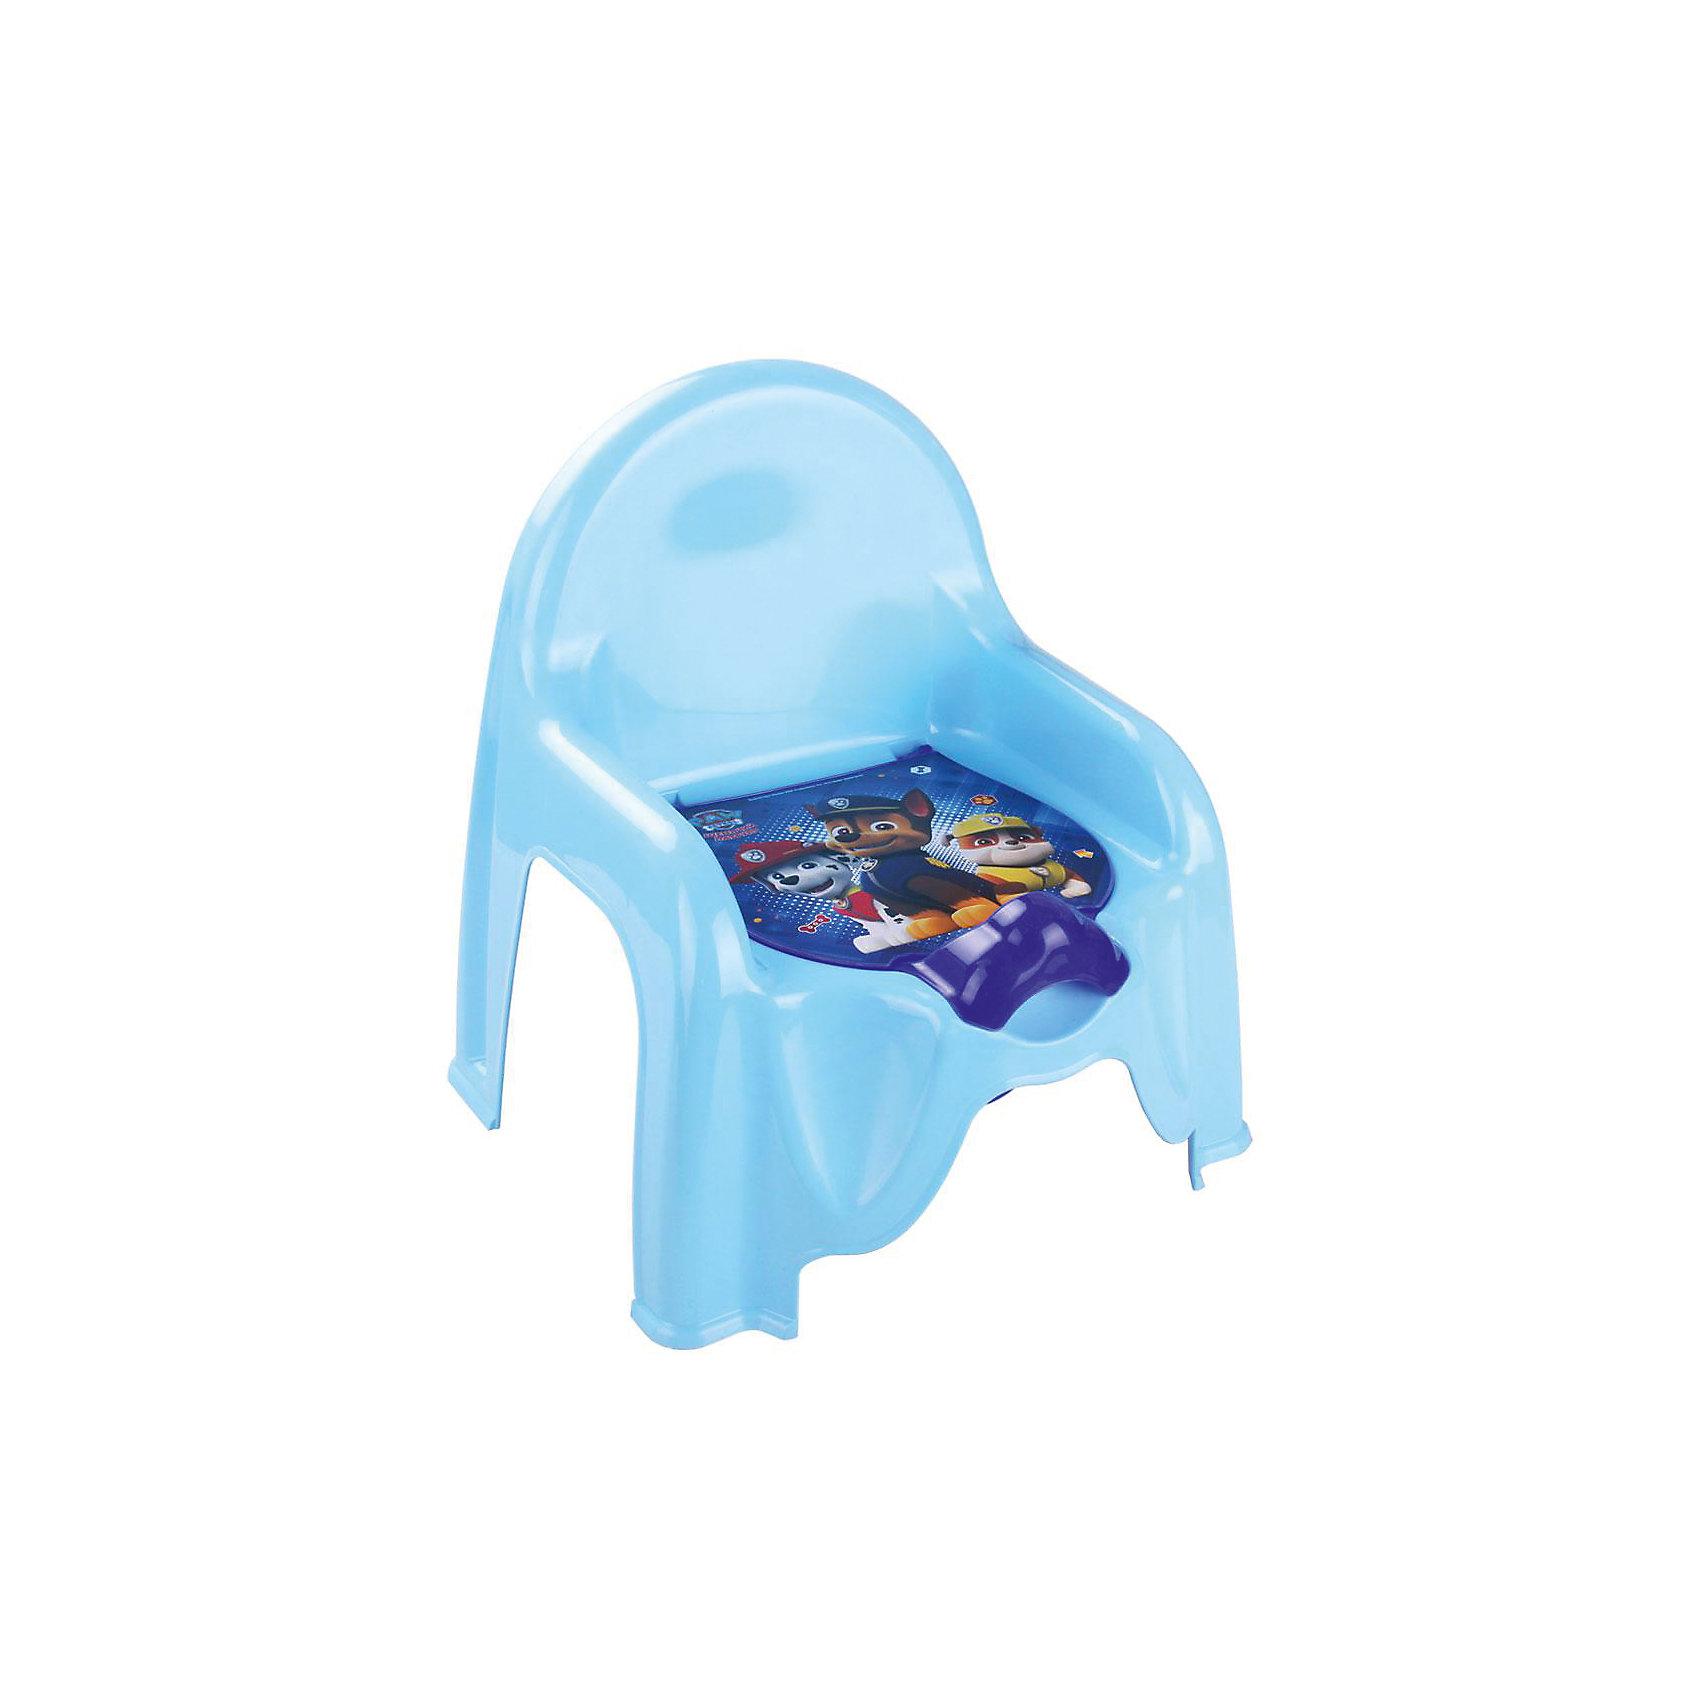 Горшок-стульчик Щенячий патруль, Alternativa, голубойГоршки, сиденья для унитаза, стульчики-подставки<br>Горшок-стульчик  Щенячий патруль, Alternativa.<br><br>Характеристики:<br><br>• Для детей в возрасте: от 12 месяцев до 3 лет<br>• Размер: 45,5 х11х22 см.<br>• Материал: пластик<br>• Цвет: голубой<br><br>Устойчивый и удобный горшок-стульчик сделает процесс приучения ребенка к горшку быстрым и комфортным! Горшок-стульчик - это маленький детский стул с отверстием, в которое вставляется горшок. Горшок имеет защиту от брызг и крышку украшенную изображением героев мультсериала Щенячий патруль. Горшок вынимается и легко моется после использования. Горшок-стульчик выше обычного горшка, поэтому на него проще садиться и вставать. Горшок-стульчик имеет прямую спинку и удобные подлокотники, которые создают дополнительный комфорт малышу. Изготовлен из прочного пластика.<br><br>Горшок-стульчик Щенячий патруль, Alternativa можно купить в нашем интернет-магазине.<br><br>Ширина мм: 290<br>Глубина мм: 255<br>Высота мм: 345<br>Вес г: 440<br>Возраст от месяцев: 12<br>Возраст до месяцев: 36<br>Пол: Мужской<br>Возраст: Детский<br>SKU: 5614405